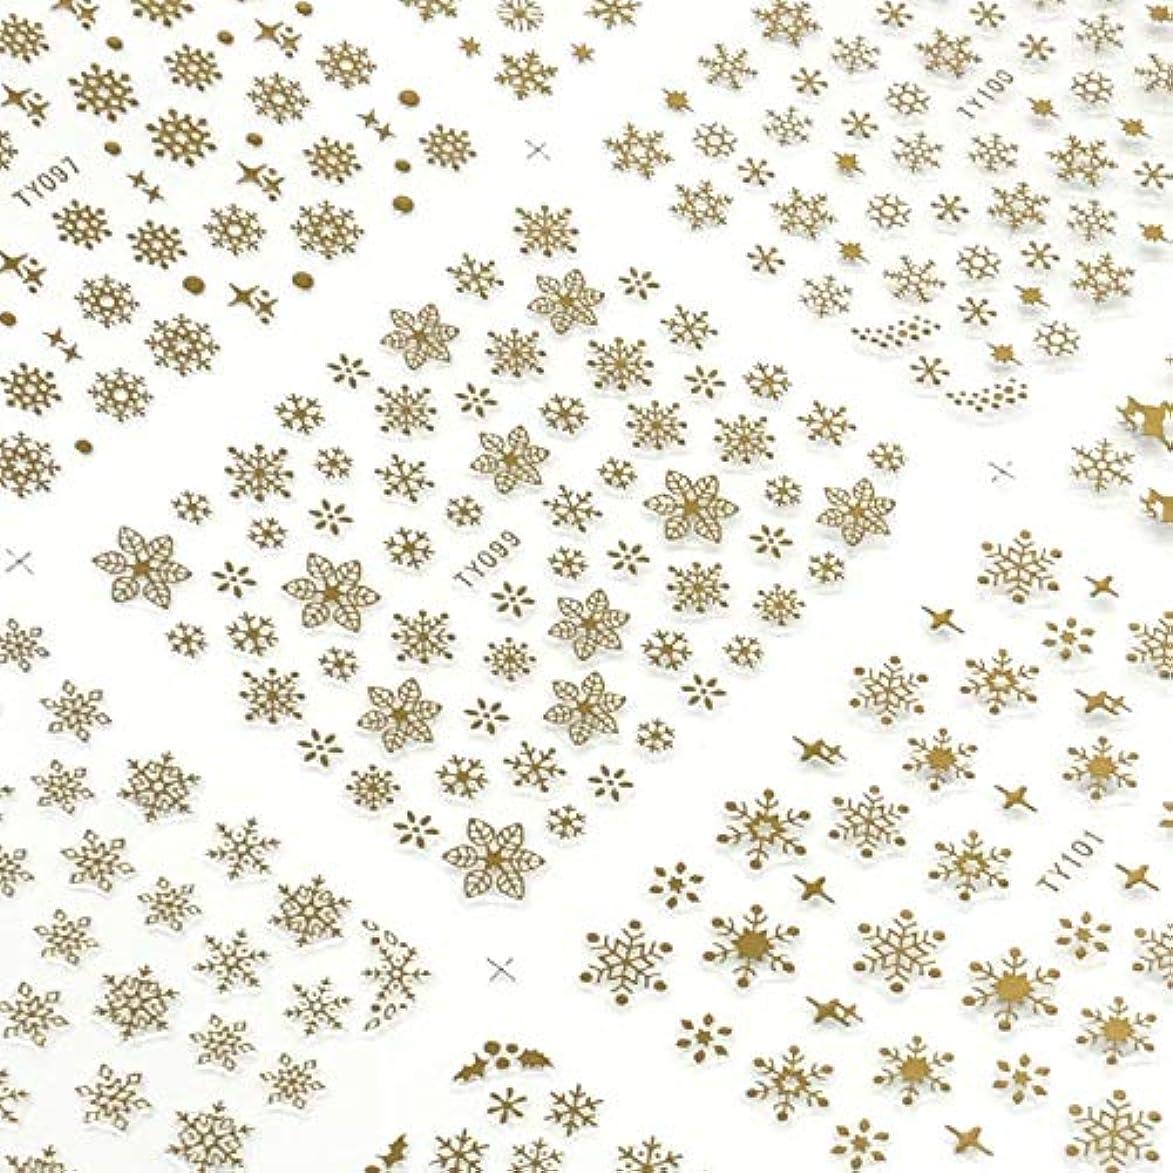 スポーツの試合を担当している人実行困惑雪の結晶シール 大判BIGビッグサイズ12種大容量ステッカー ネイル用文具貼り紙雪の花華スノー 3色選べる金銀白 冬 (金色 Gold)